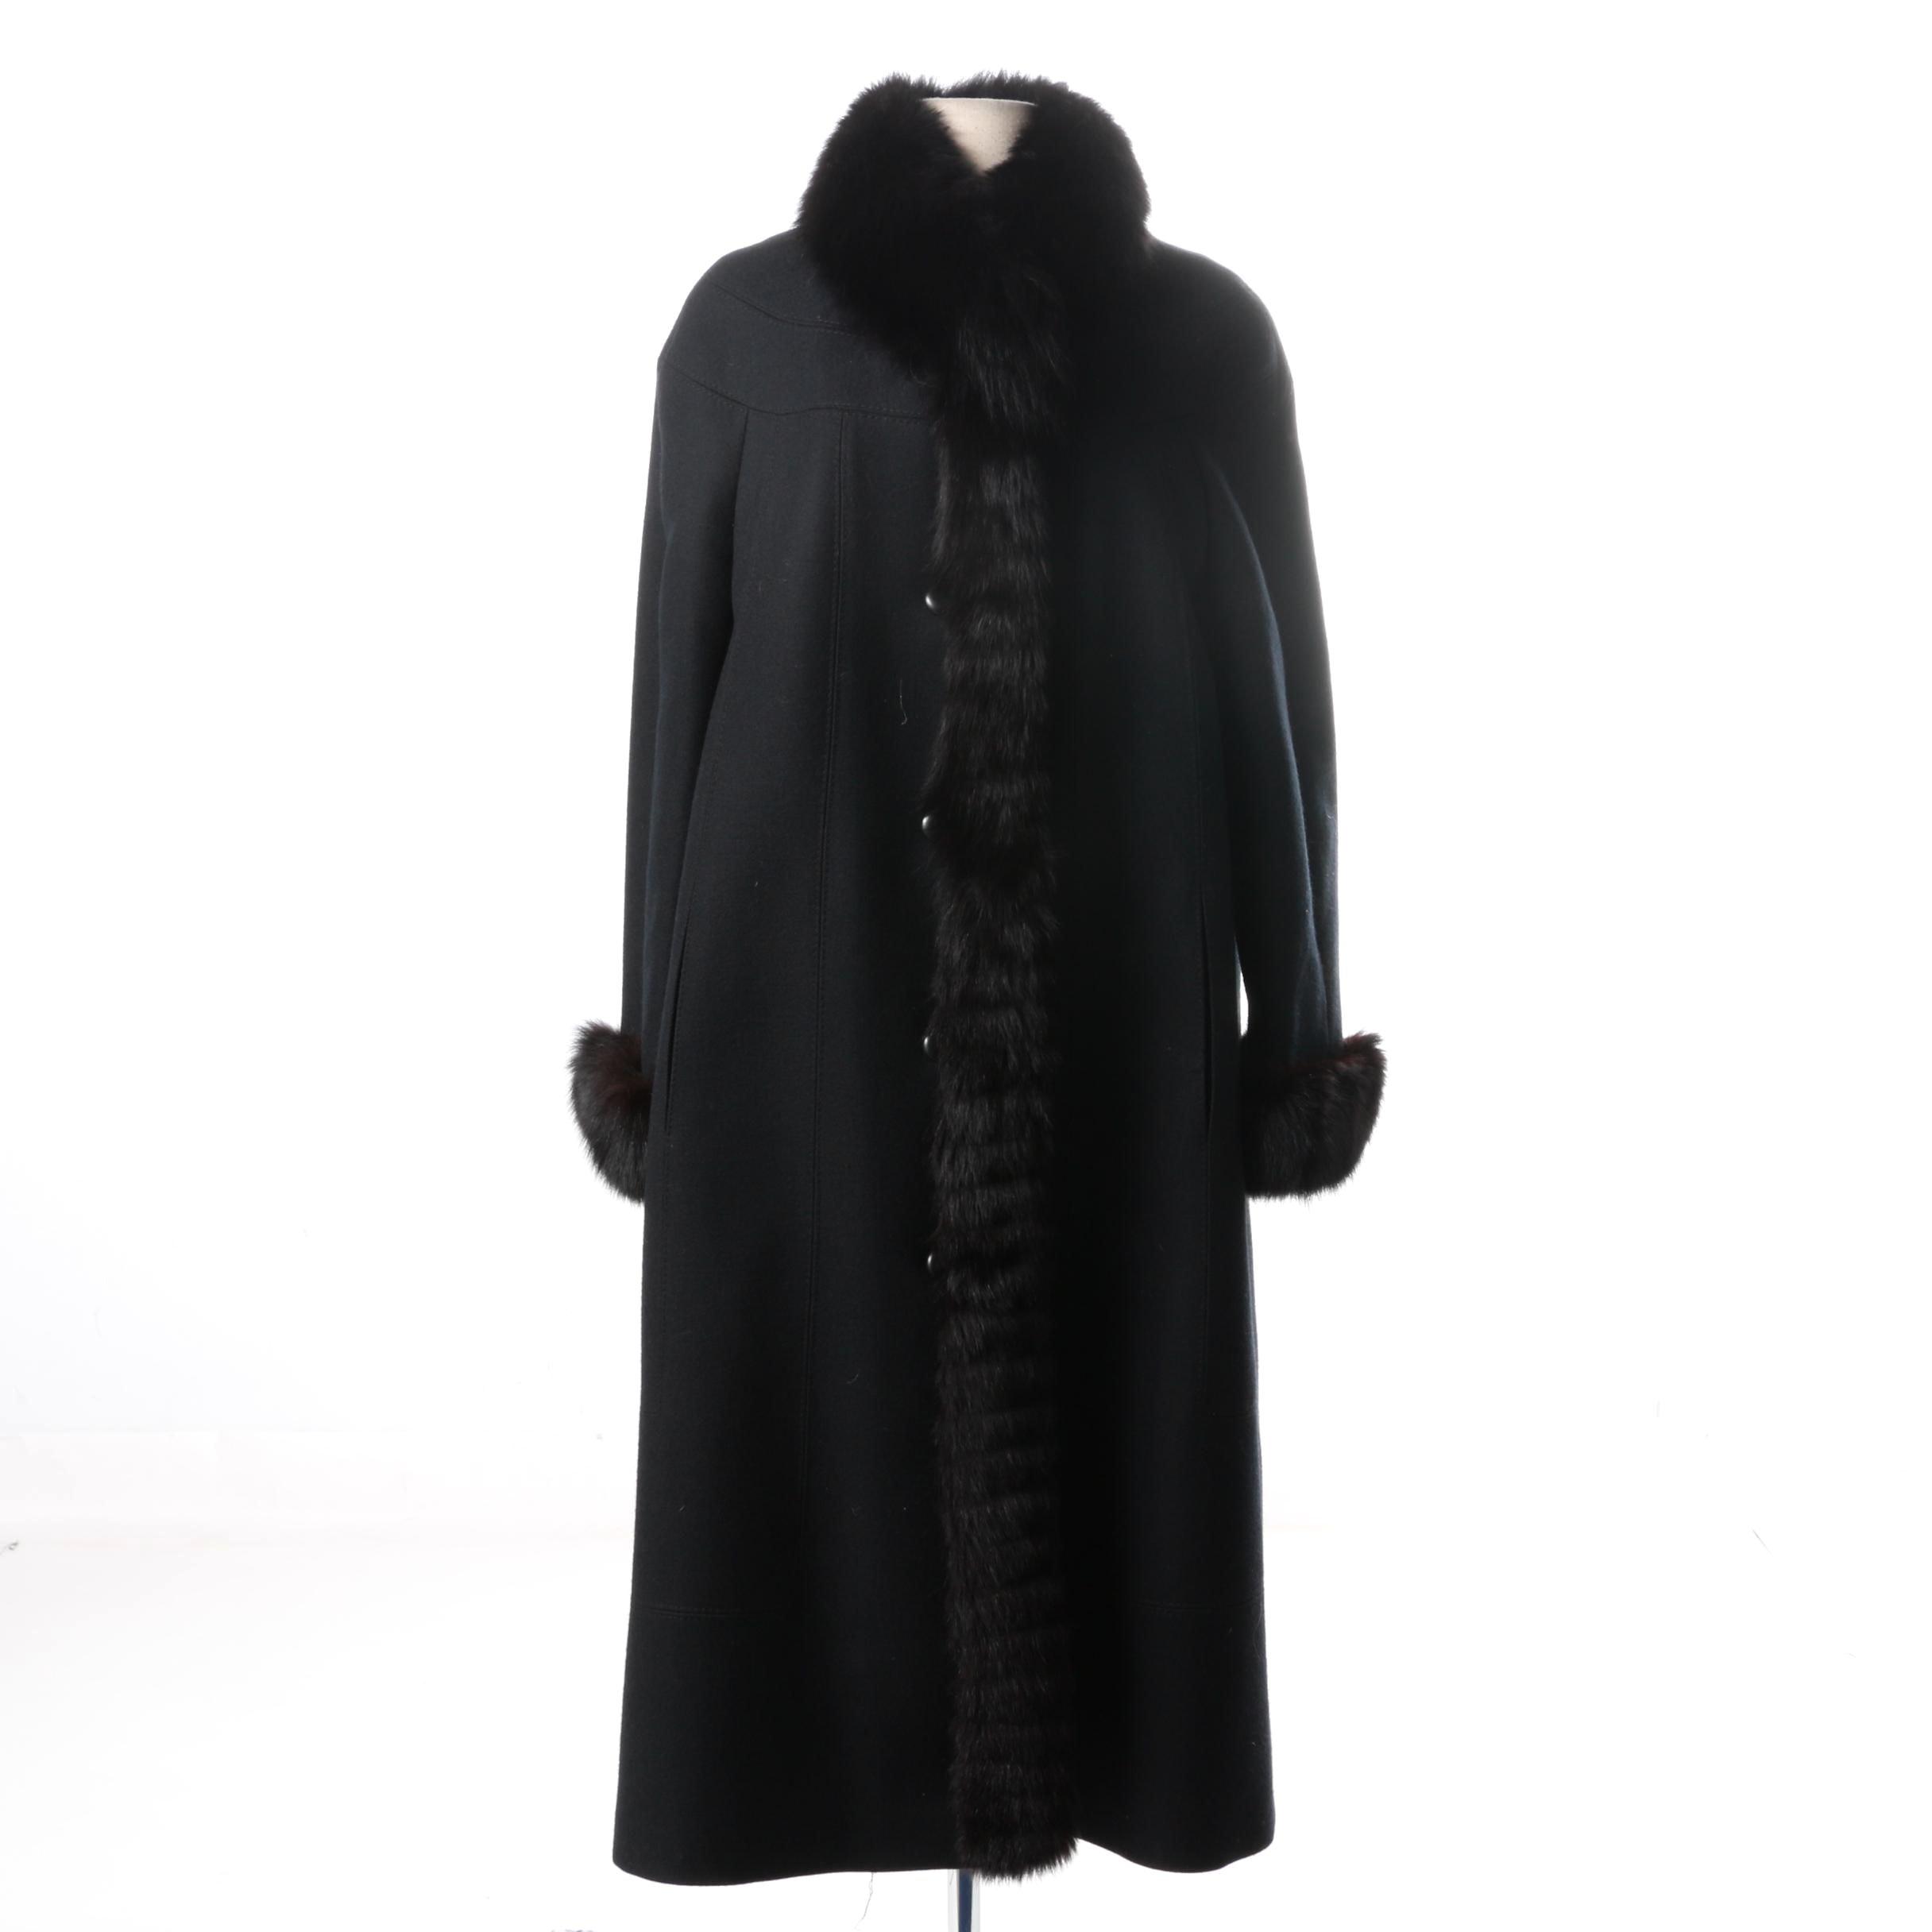 Baldin-Brussels Women's Wool Coat with Fox Fur Trim